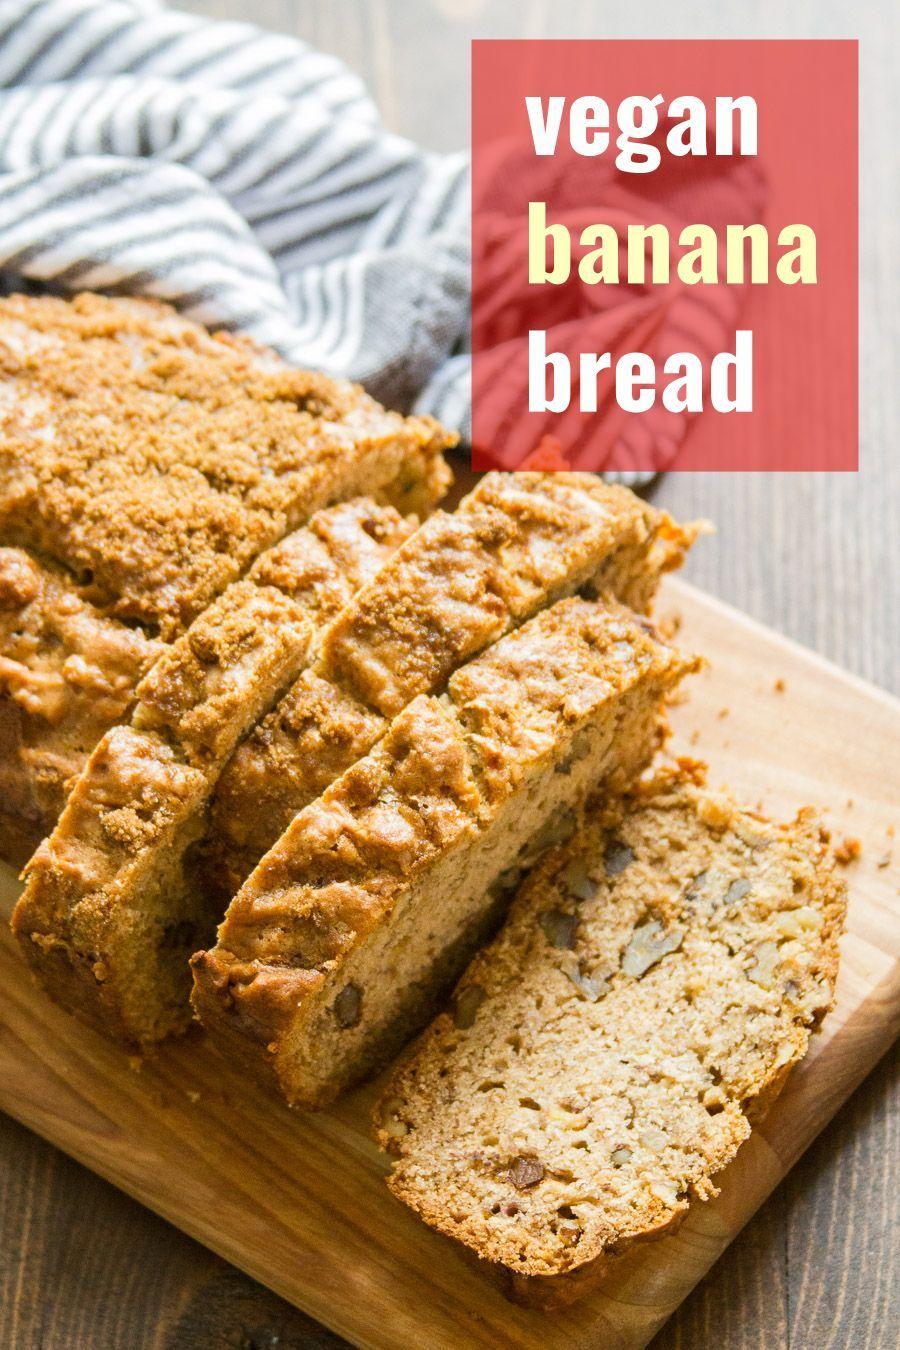 Vegan Banana Bread In 2020 Vegan Banana Bread Best Banana Bread Vegan Banana